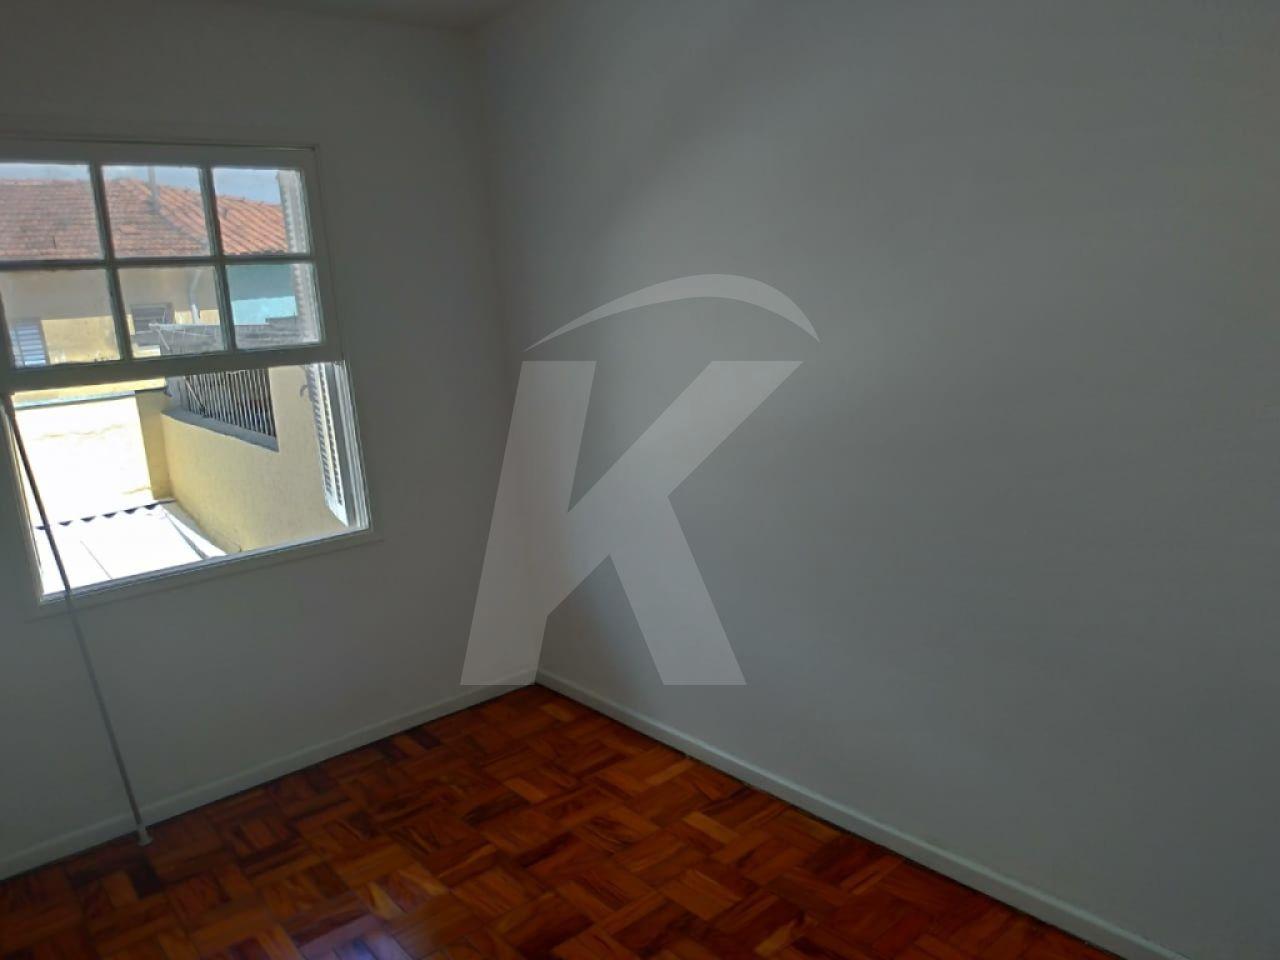 Sobrado Jaçanã - 3 Dormitório(s) - São Paulo - SP - REF. KA12623